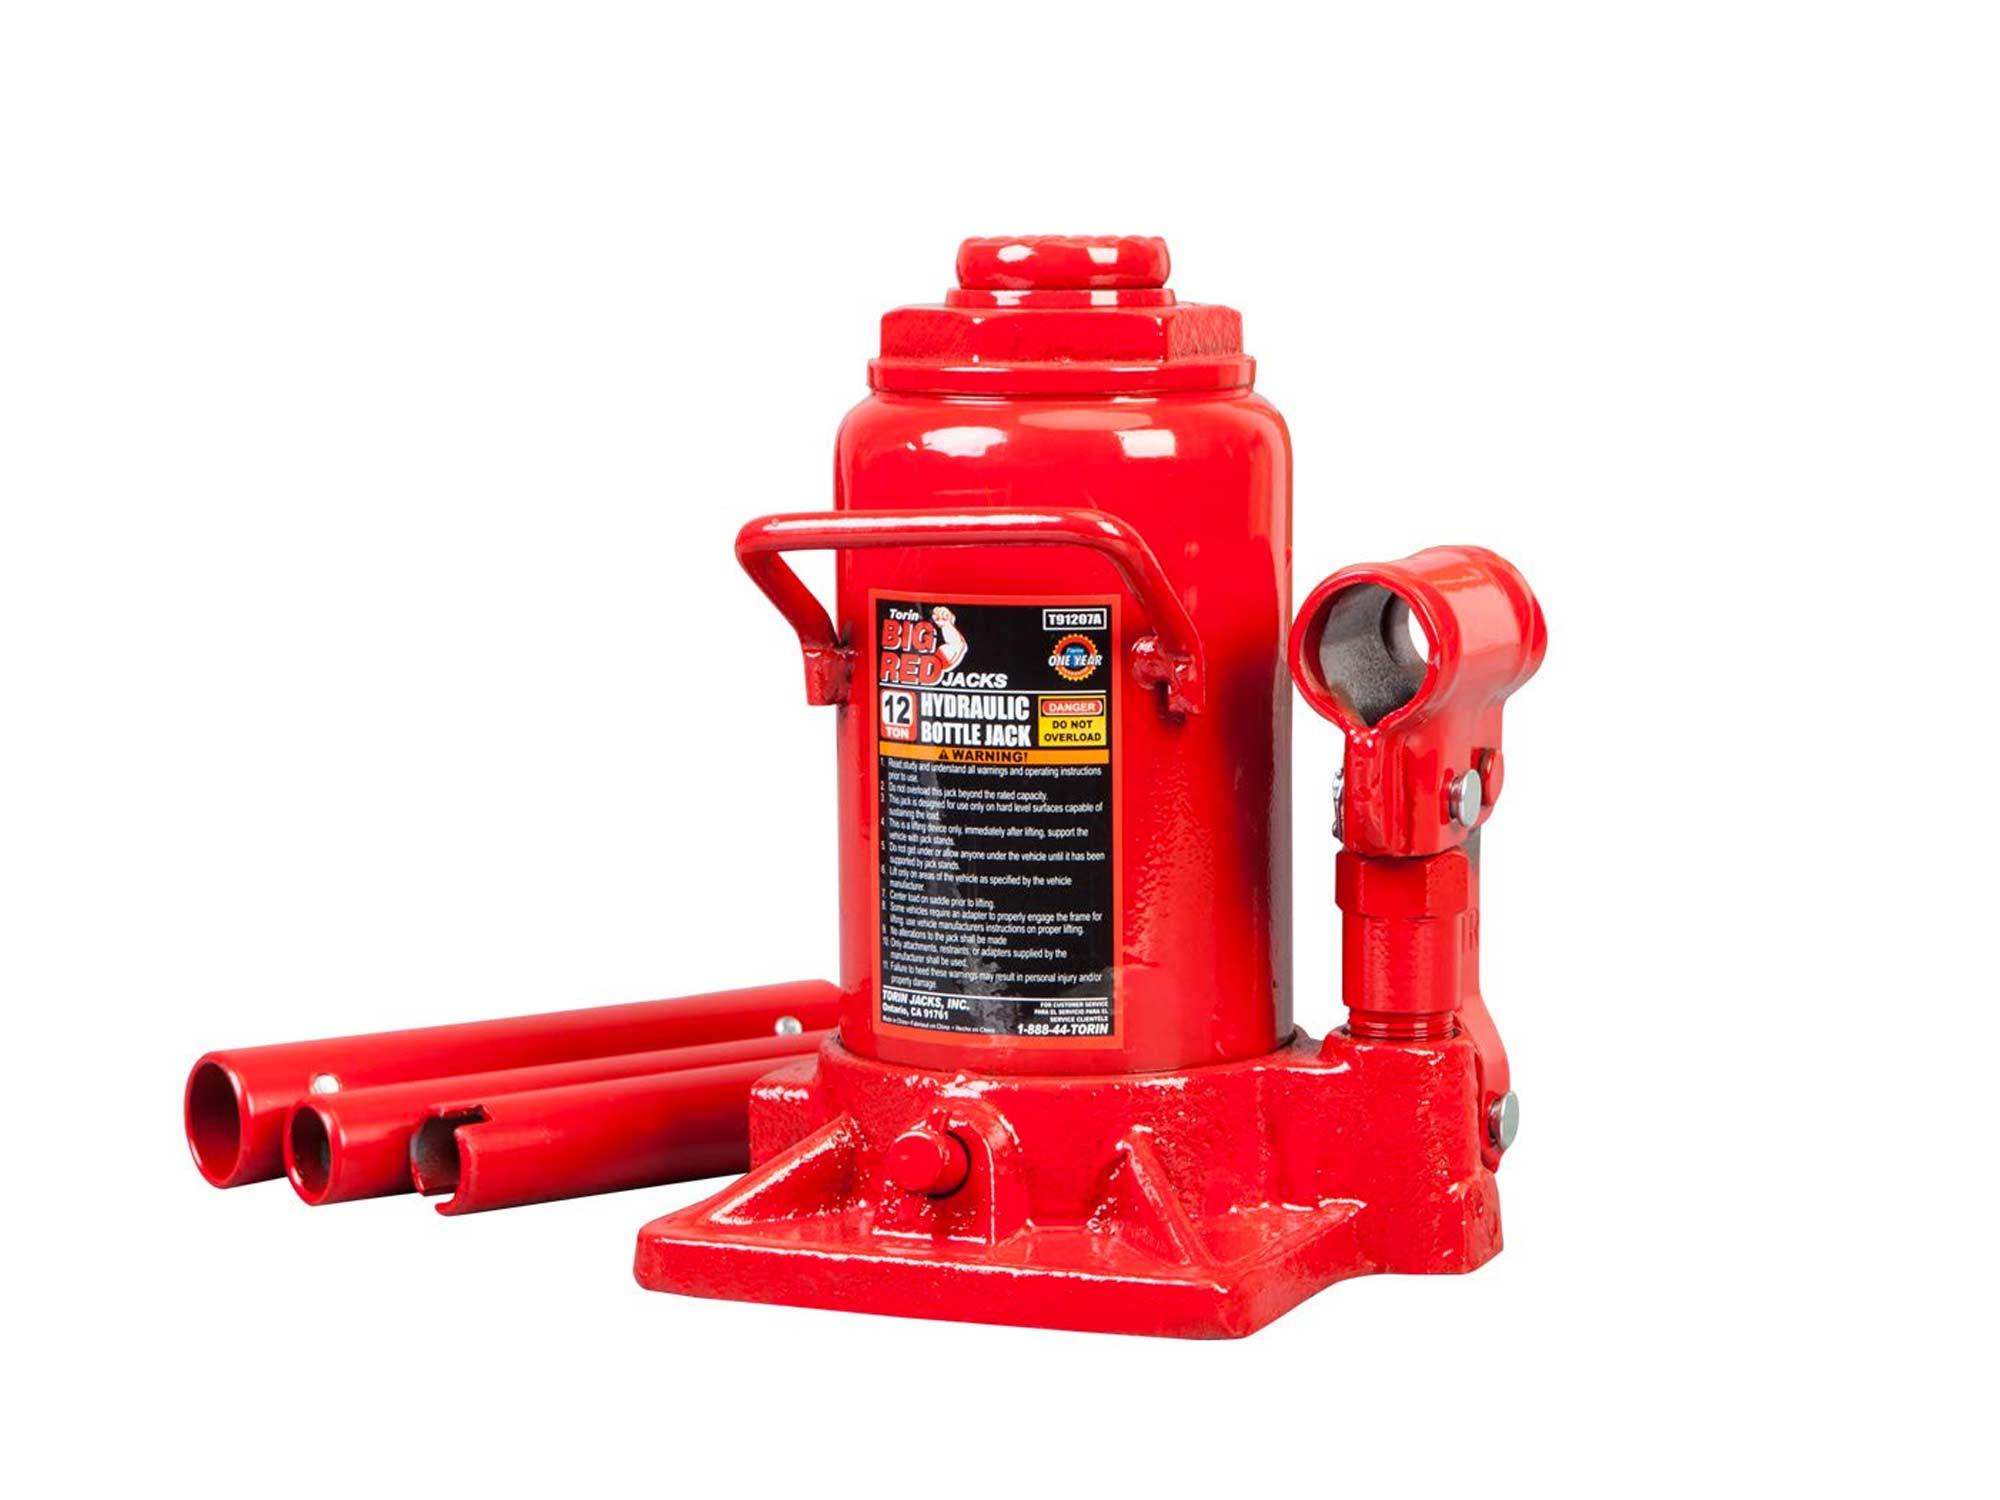 Torin hydraulic jack